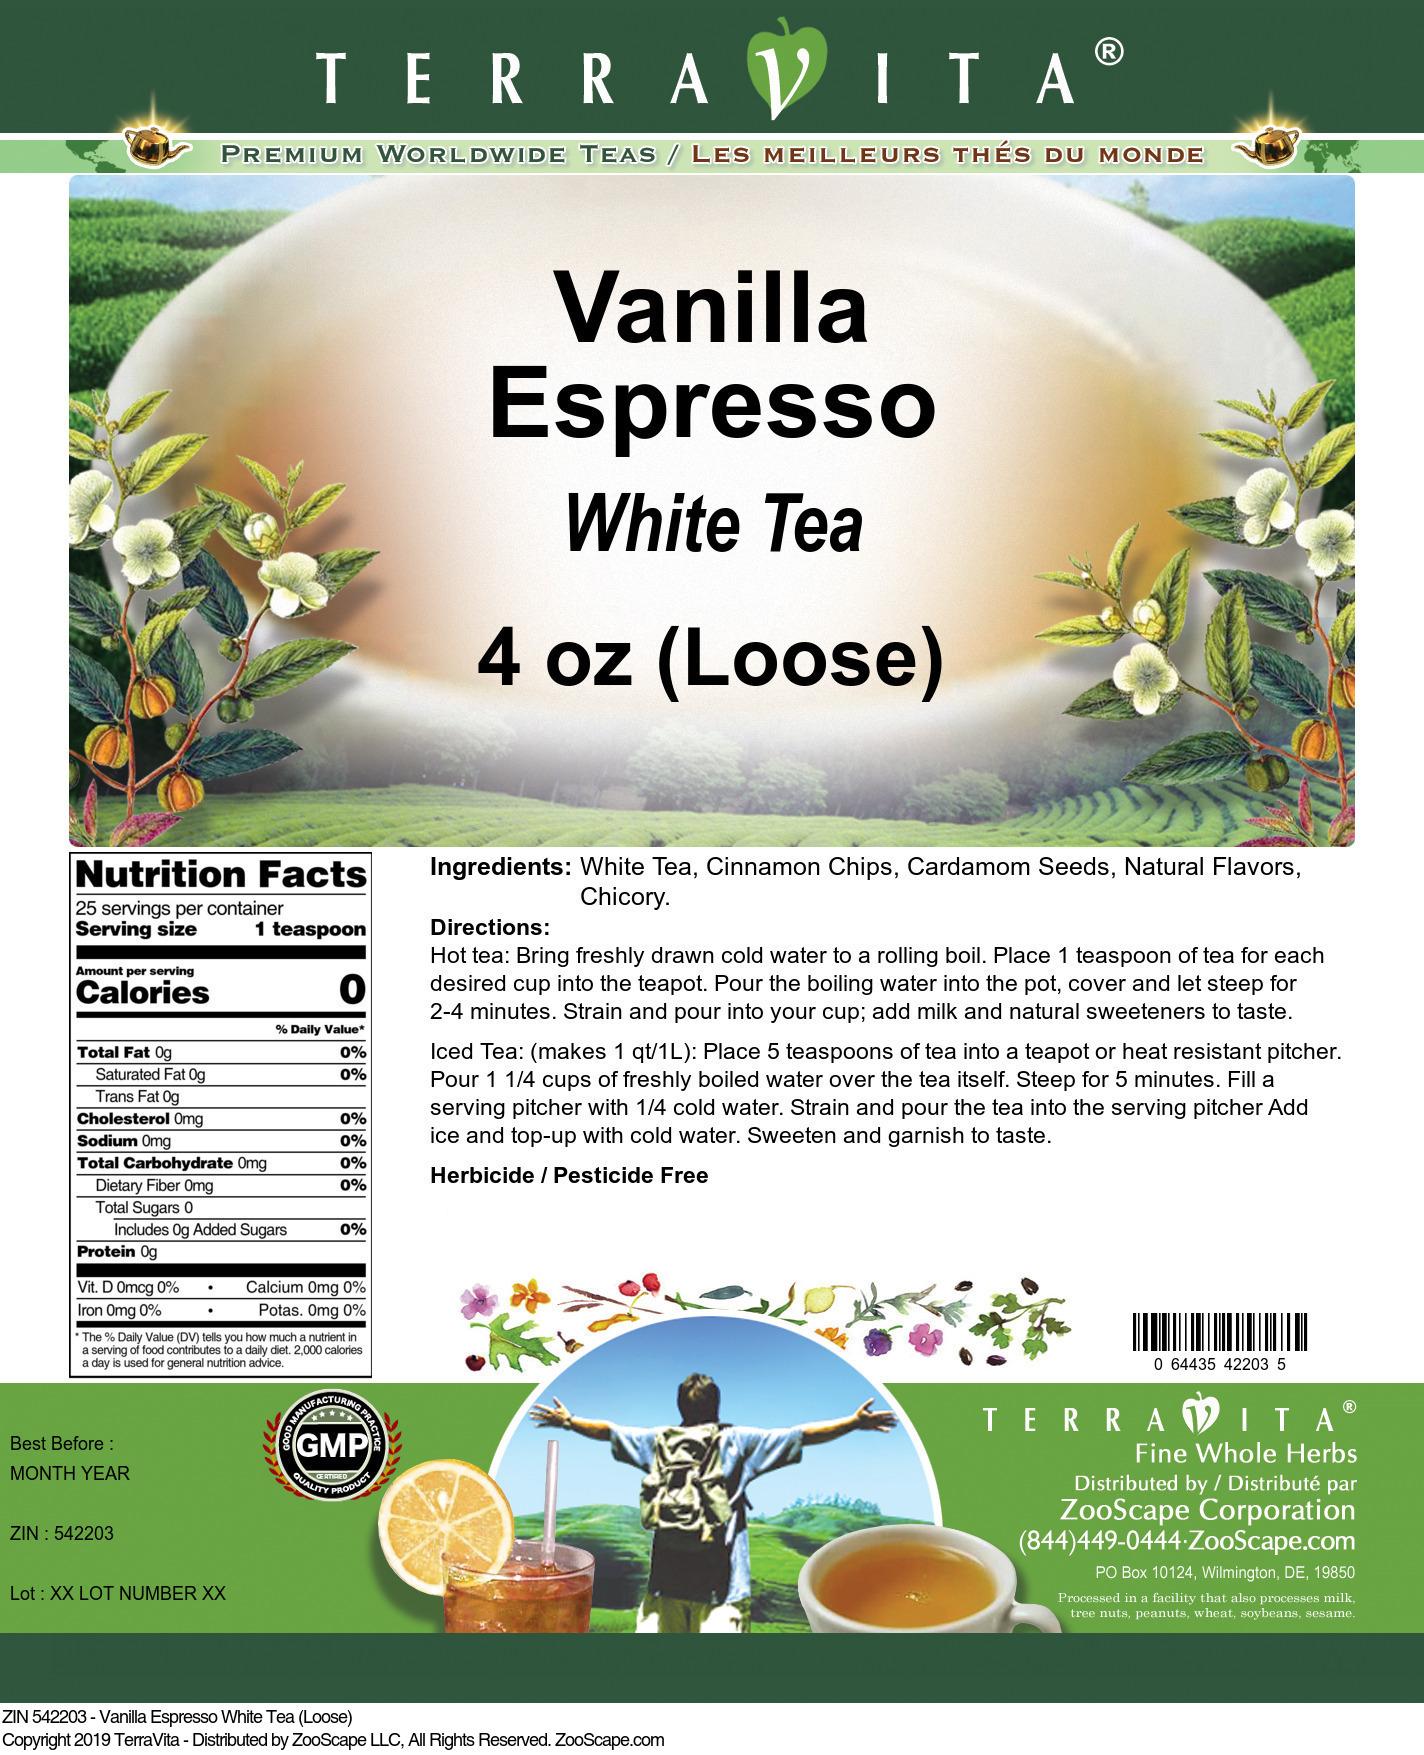 Vanilla Espresso White Tea (Loose)